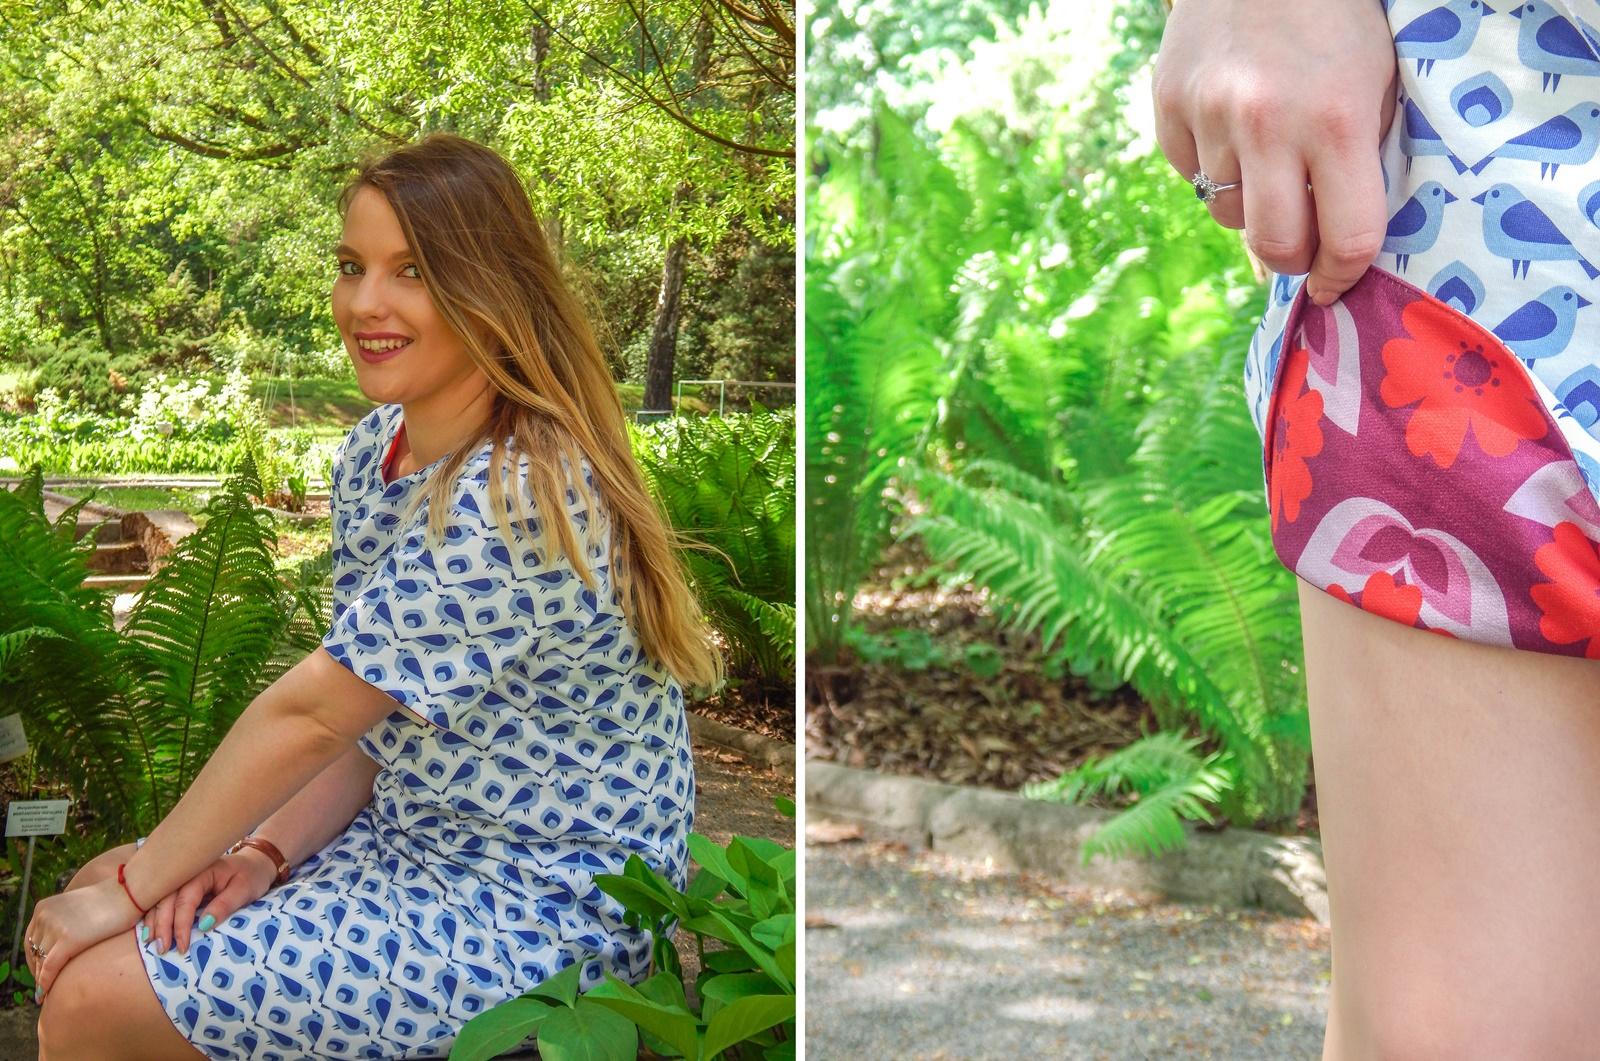 8 samodobro dwukroopek dwustronna sukienka dla mamy prezent na dzień matki drewniana biżuteria wróbel i dzika róża metka z opowiadaniem ciekawe mlode polskie marki odzieżowe moda lifestyle łódź